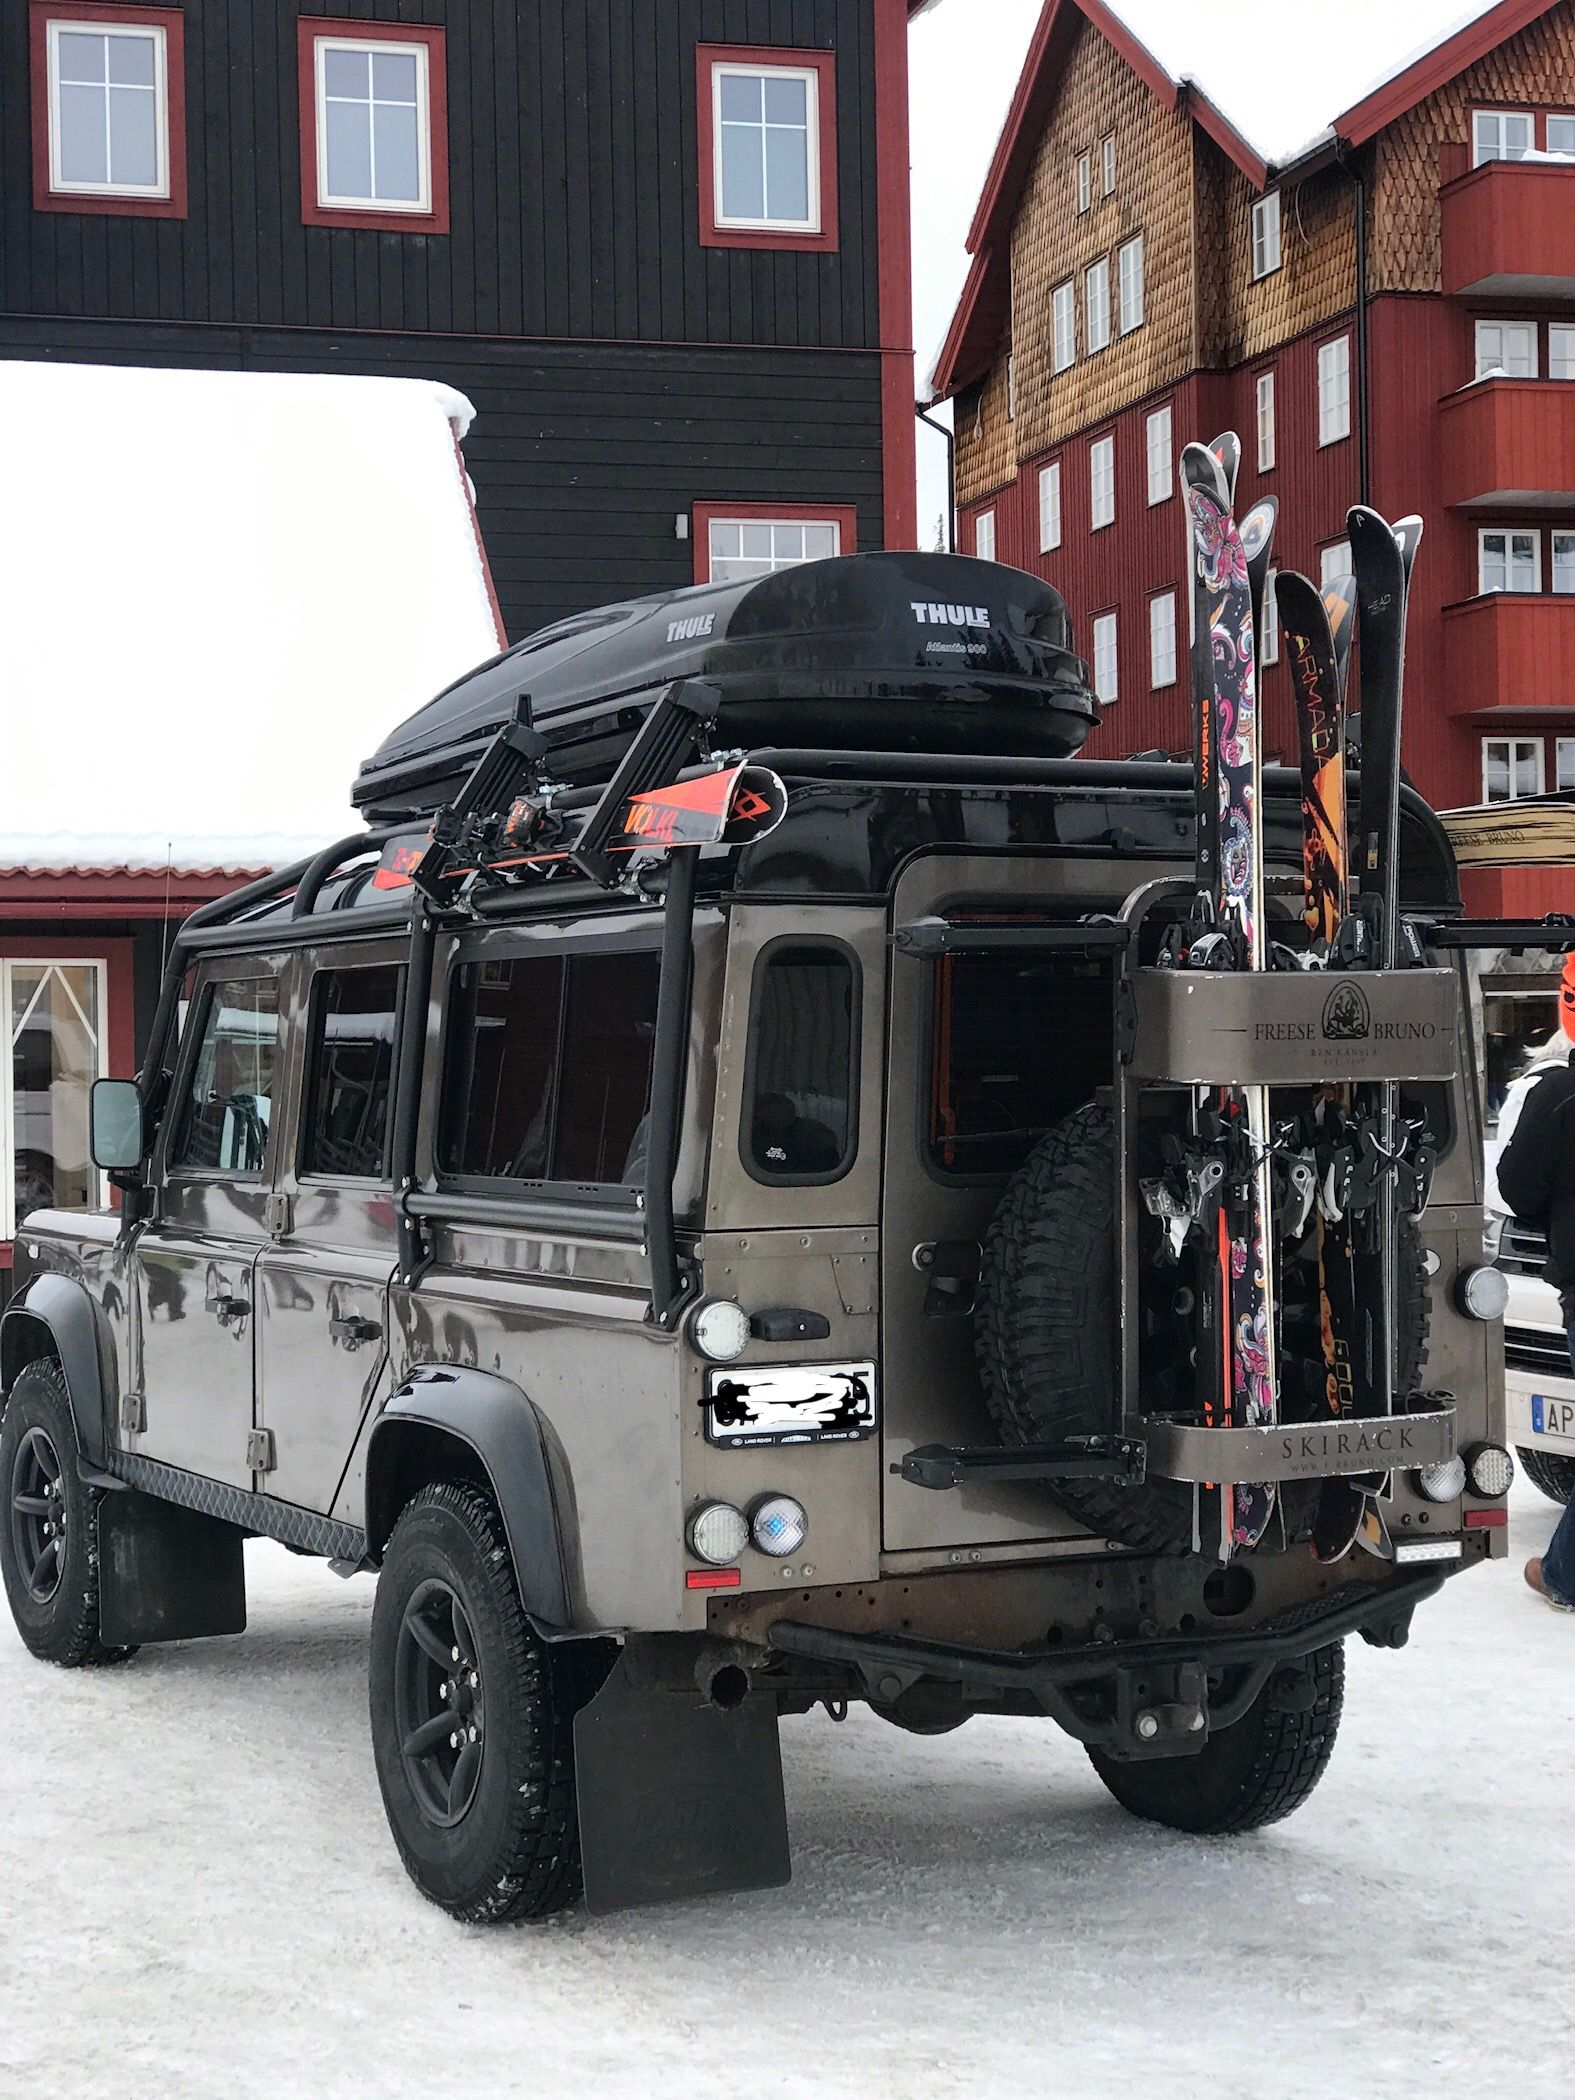 Land Rover Defender Ski Caminhões grandes, Jipes, Jeep